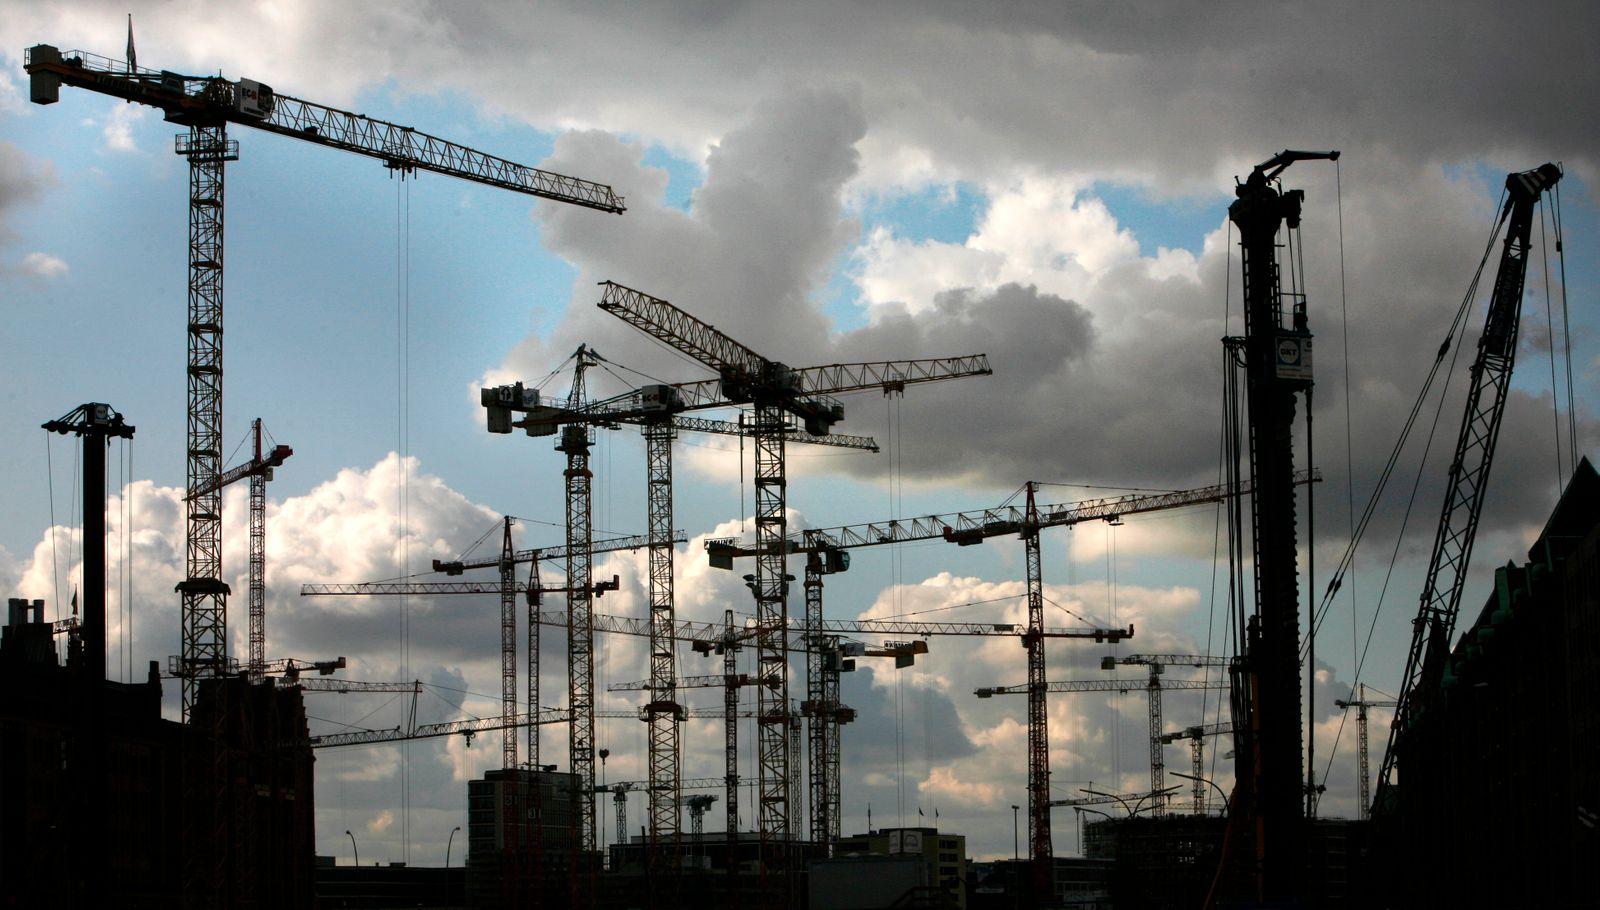 Deutschland / Konjunktur / Baustelle / Baukräne /Dunkle Wolken / IFO